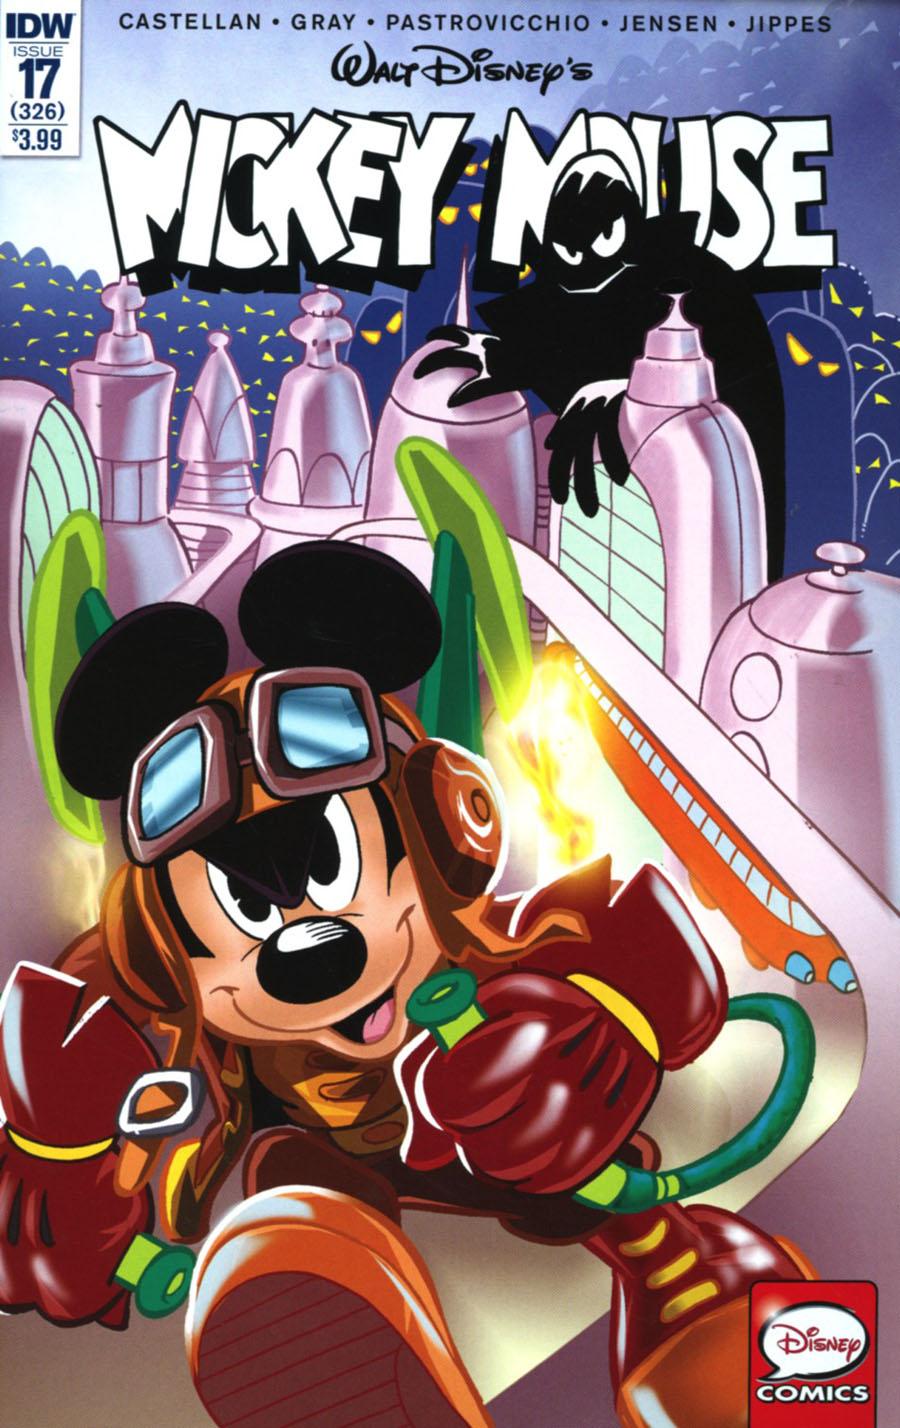 Mickey Mouse Vol 2 #17 Cover A Regular Giorgio Cavazzano Cover